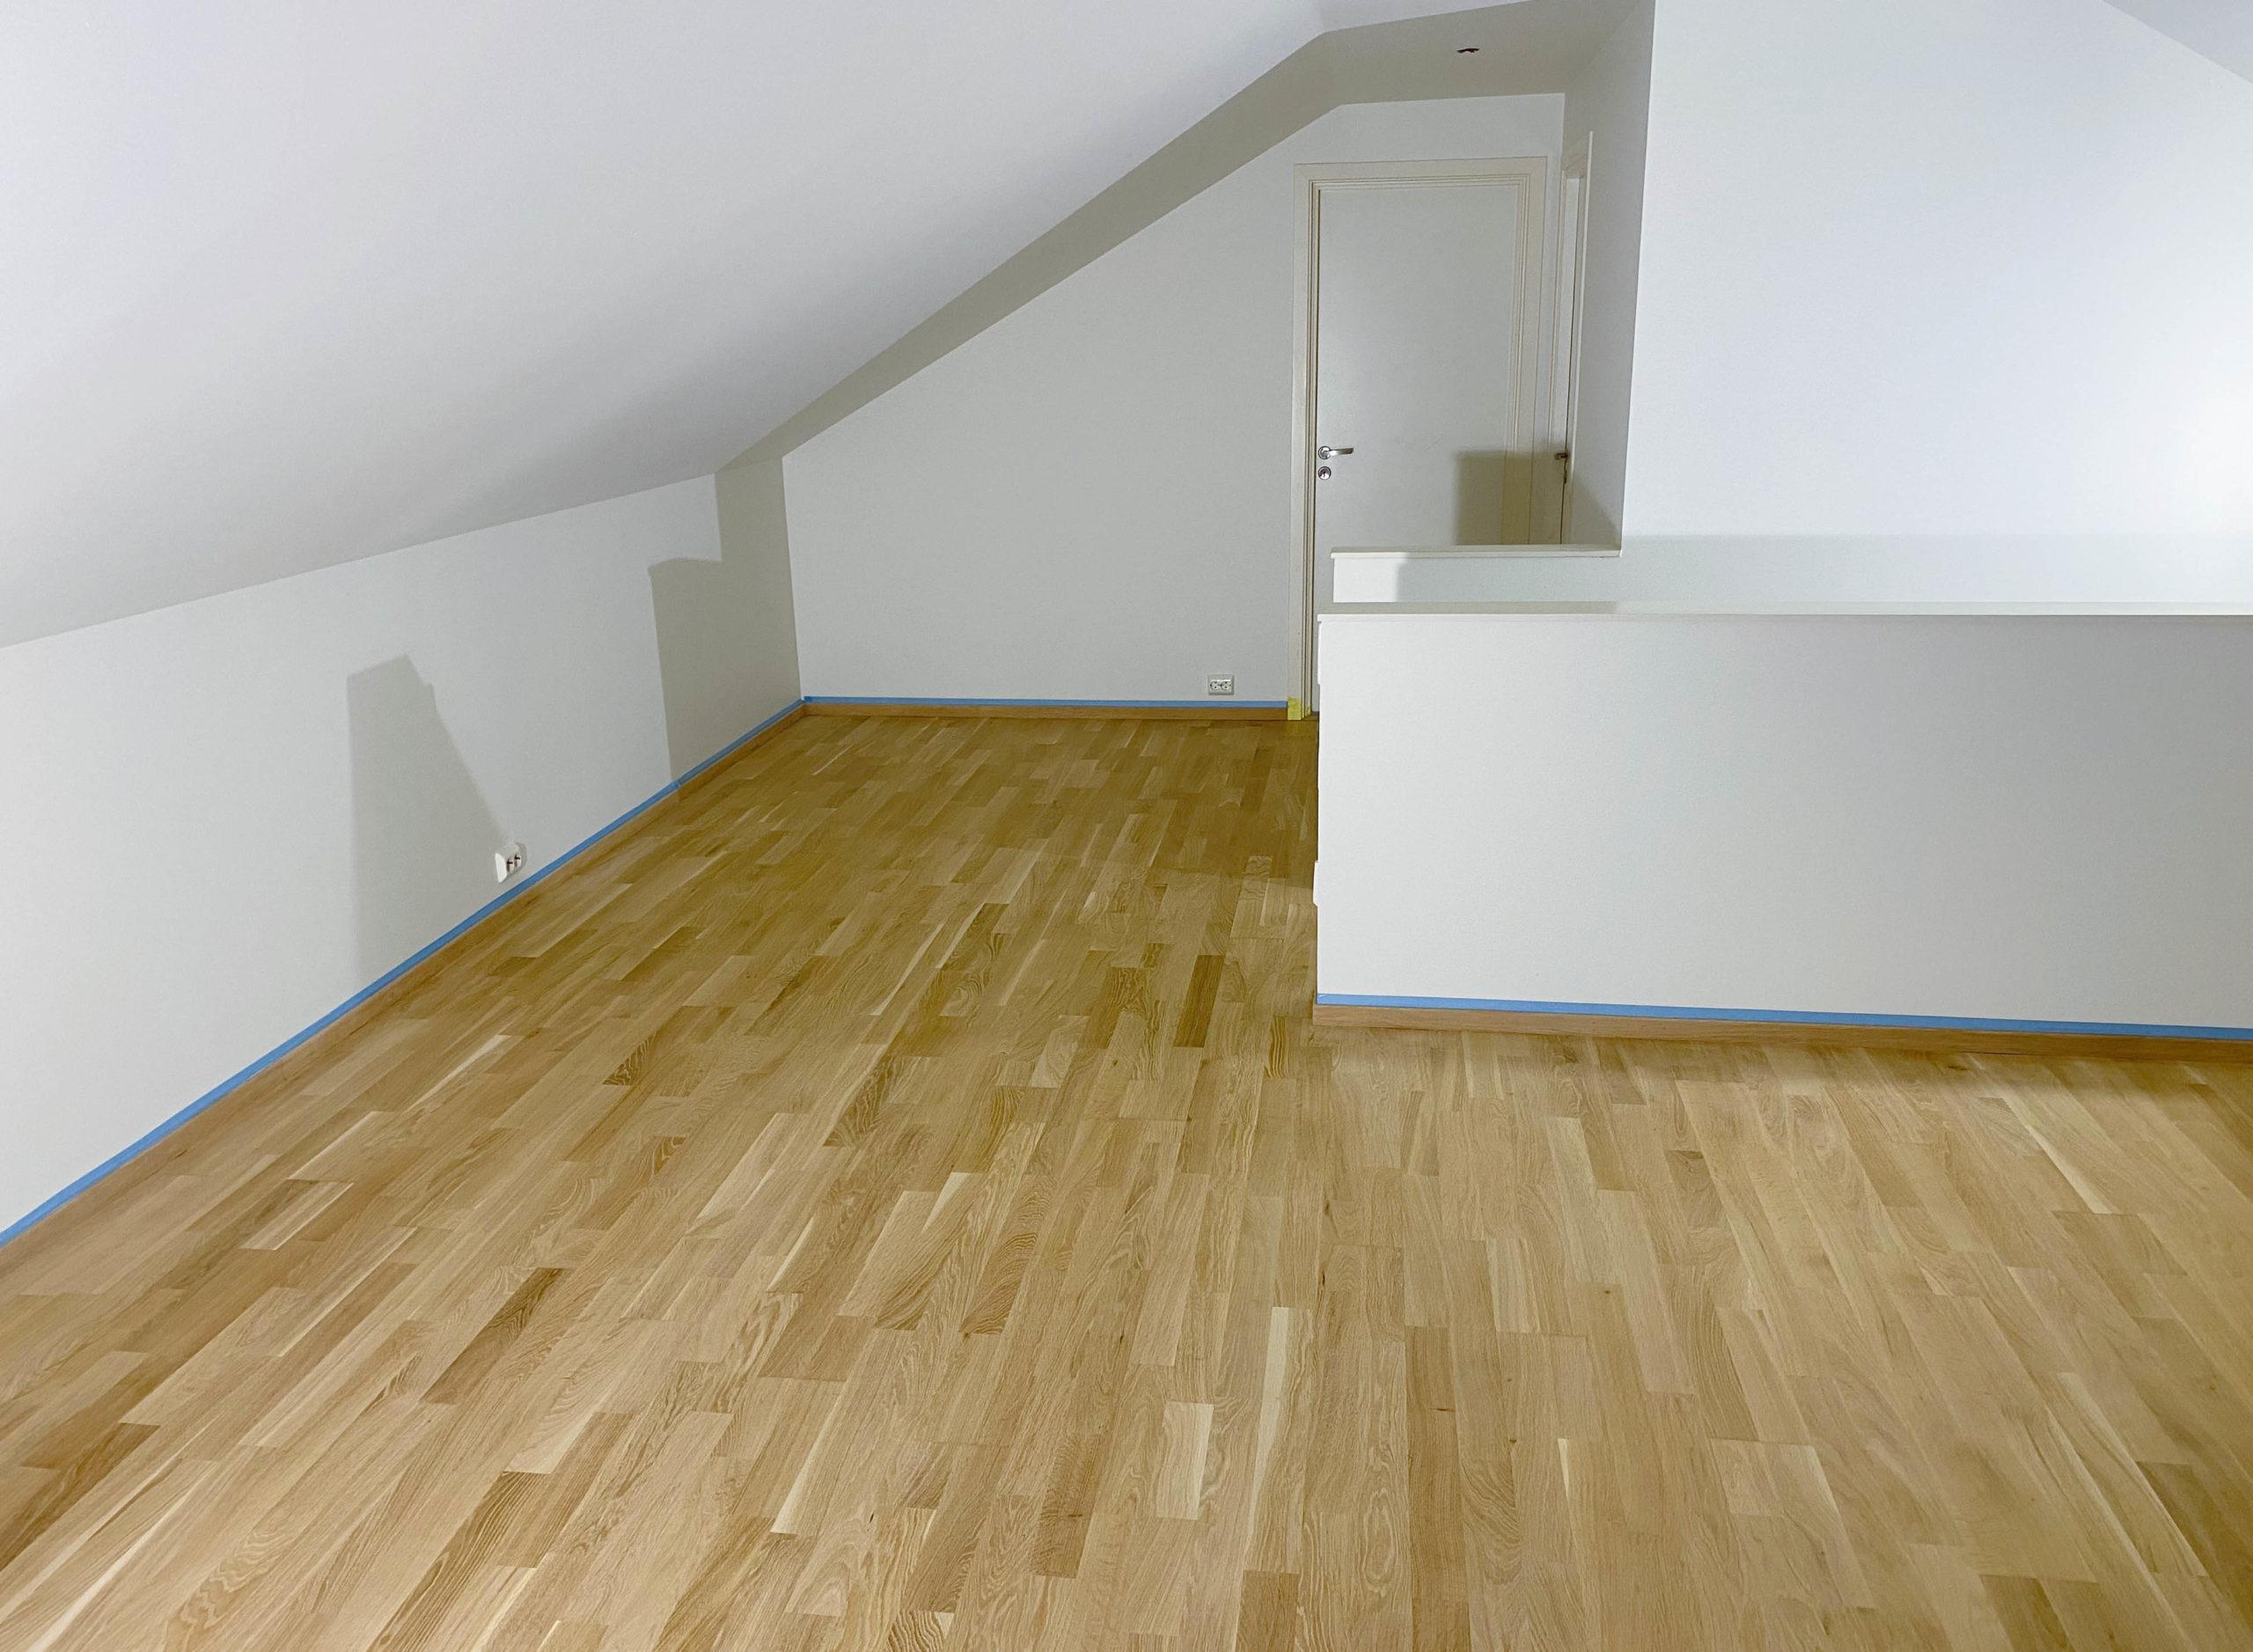 Utgangspunktet: gulvet før sliping